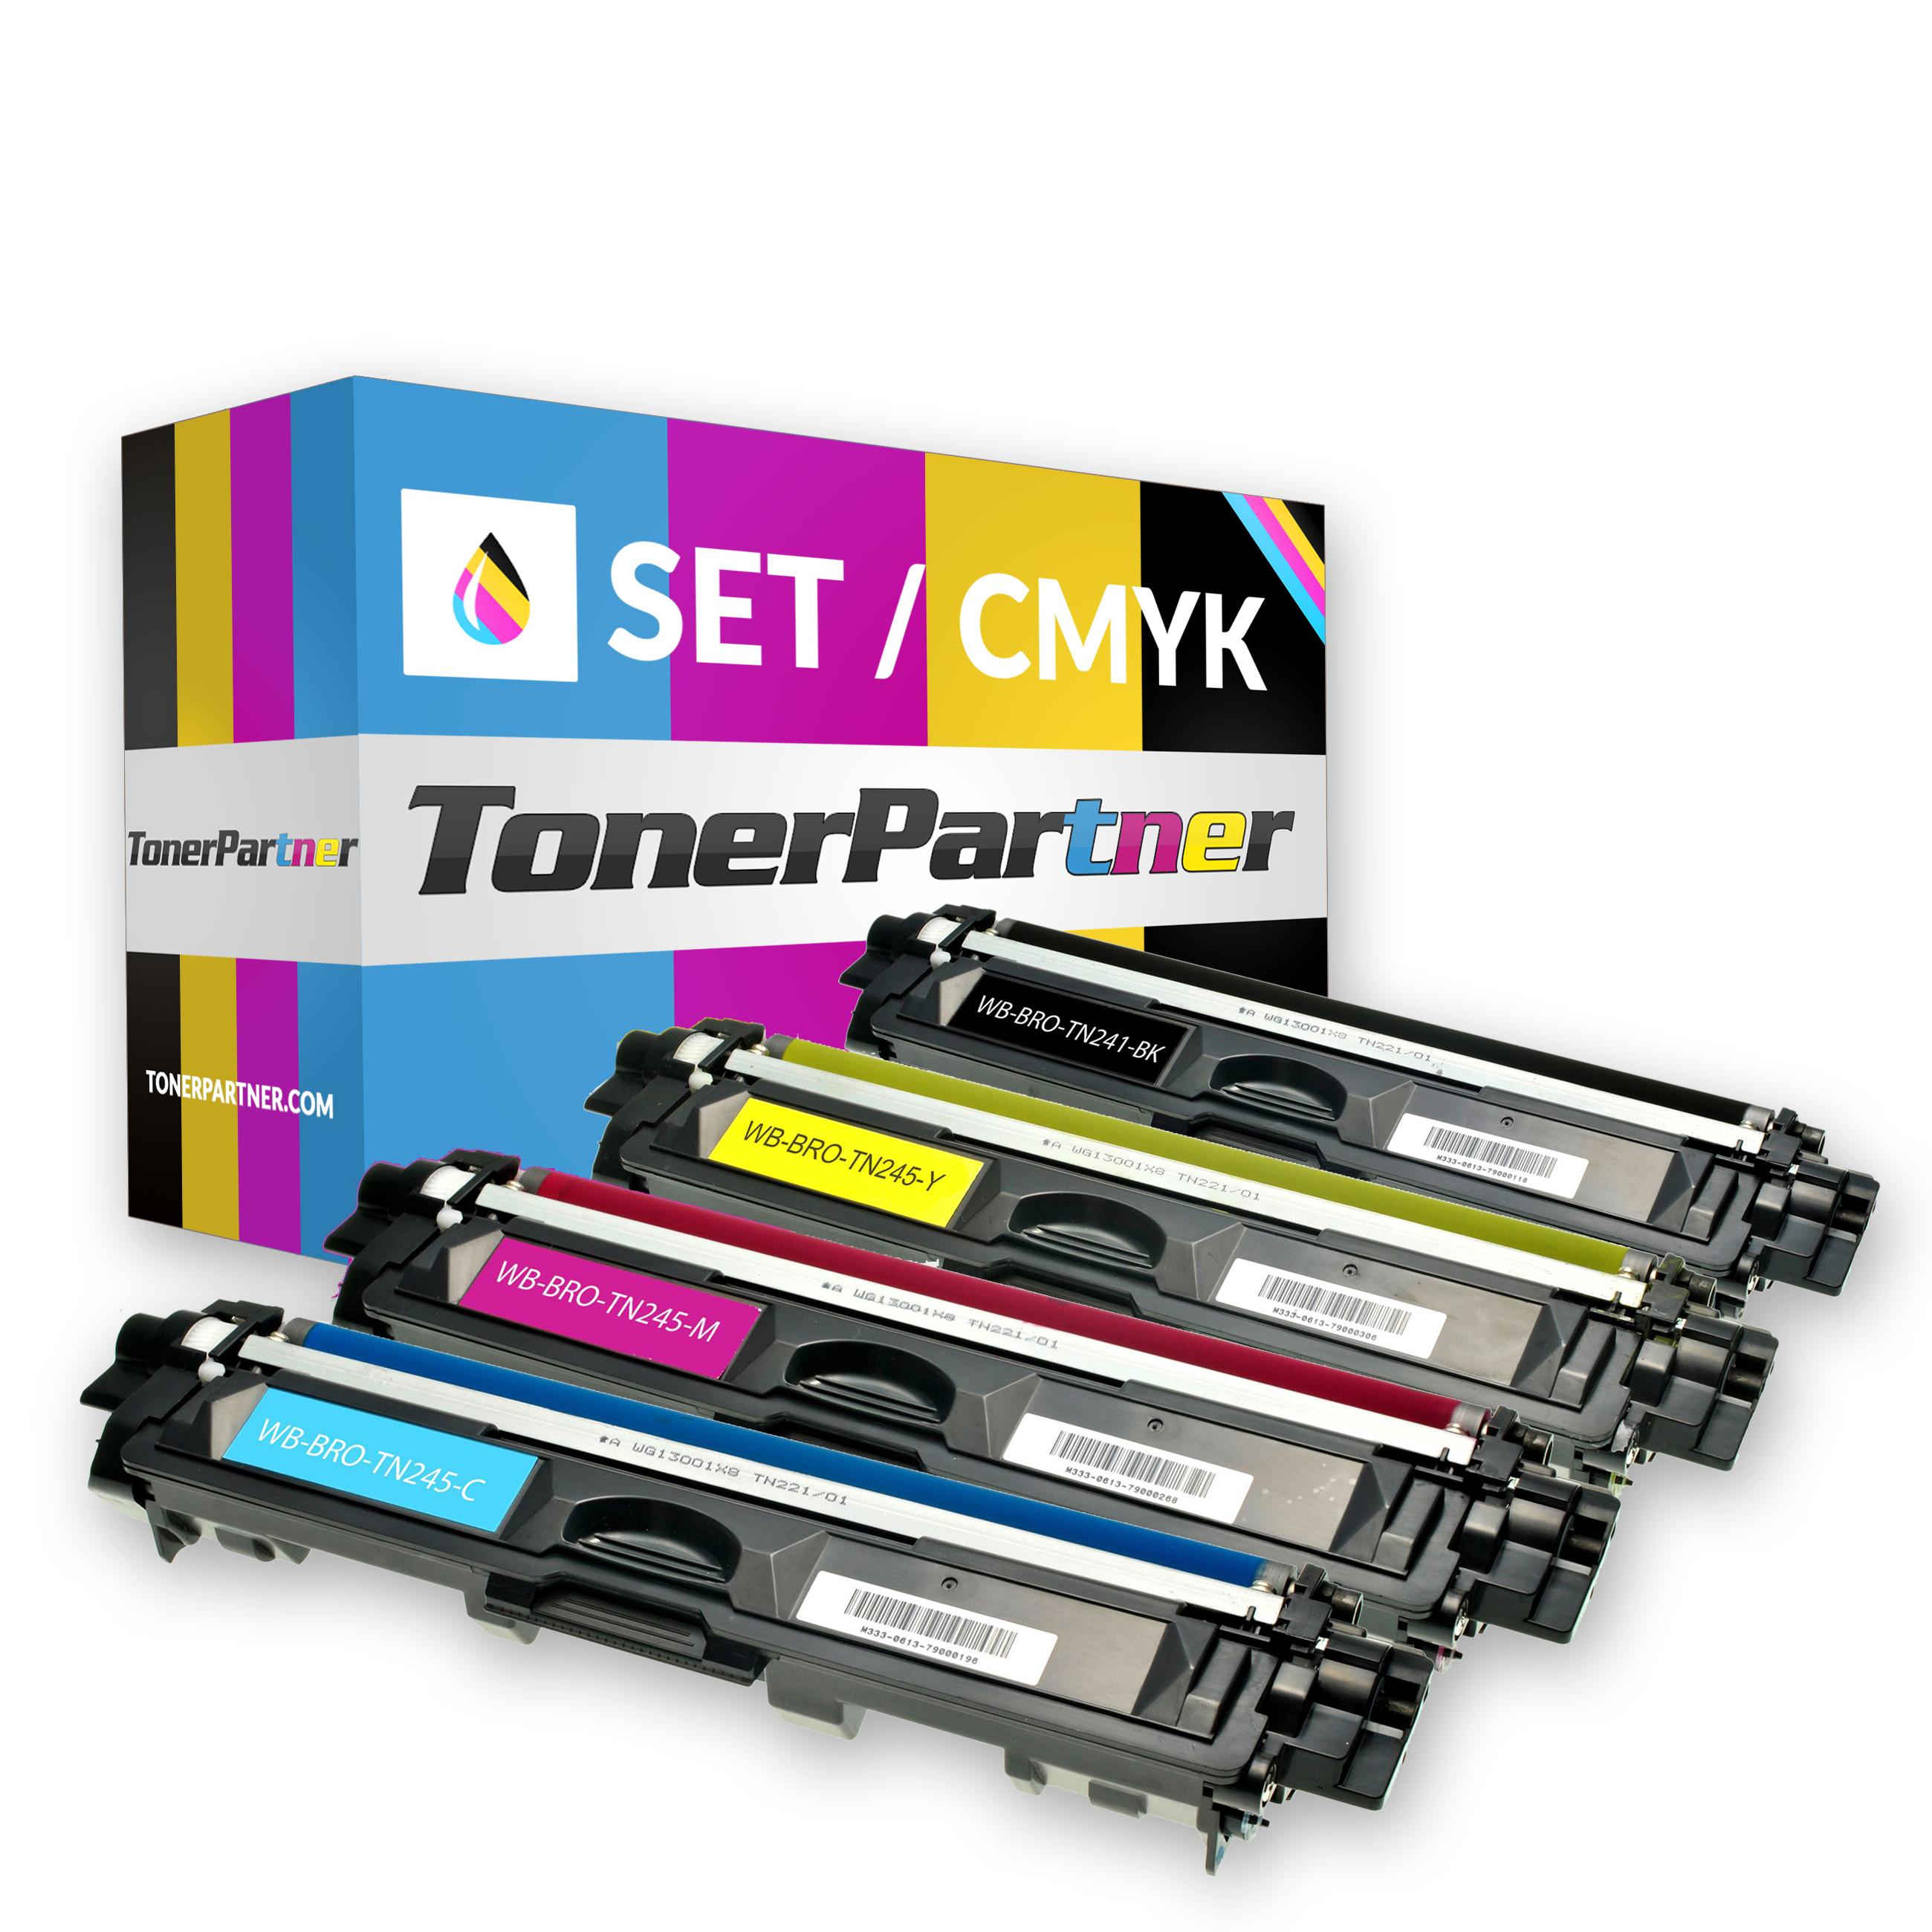 Kompatibel zu Brother TN-24BK / TN-245C / TN-245M / TN-245Y Tonerkartusche multipack